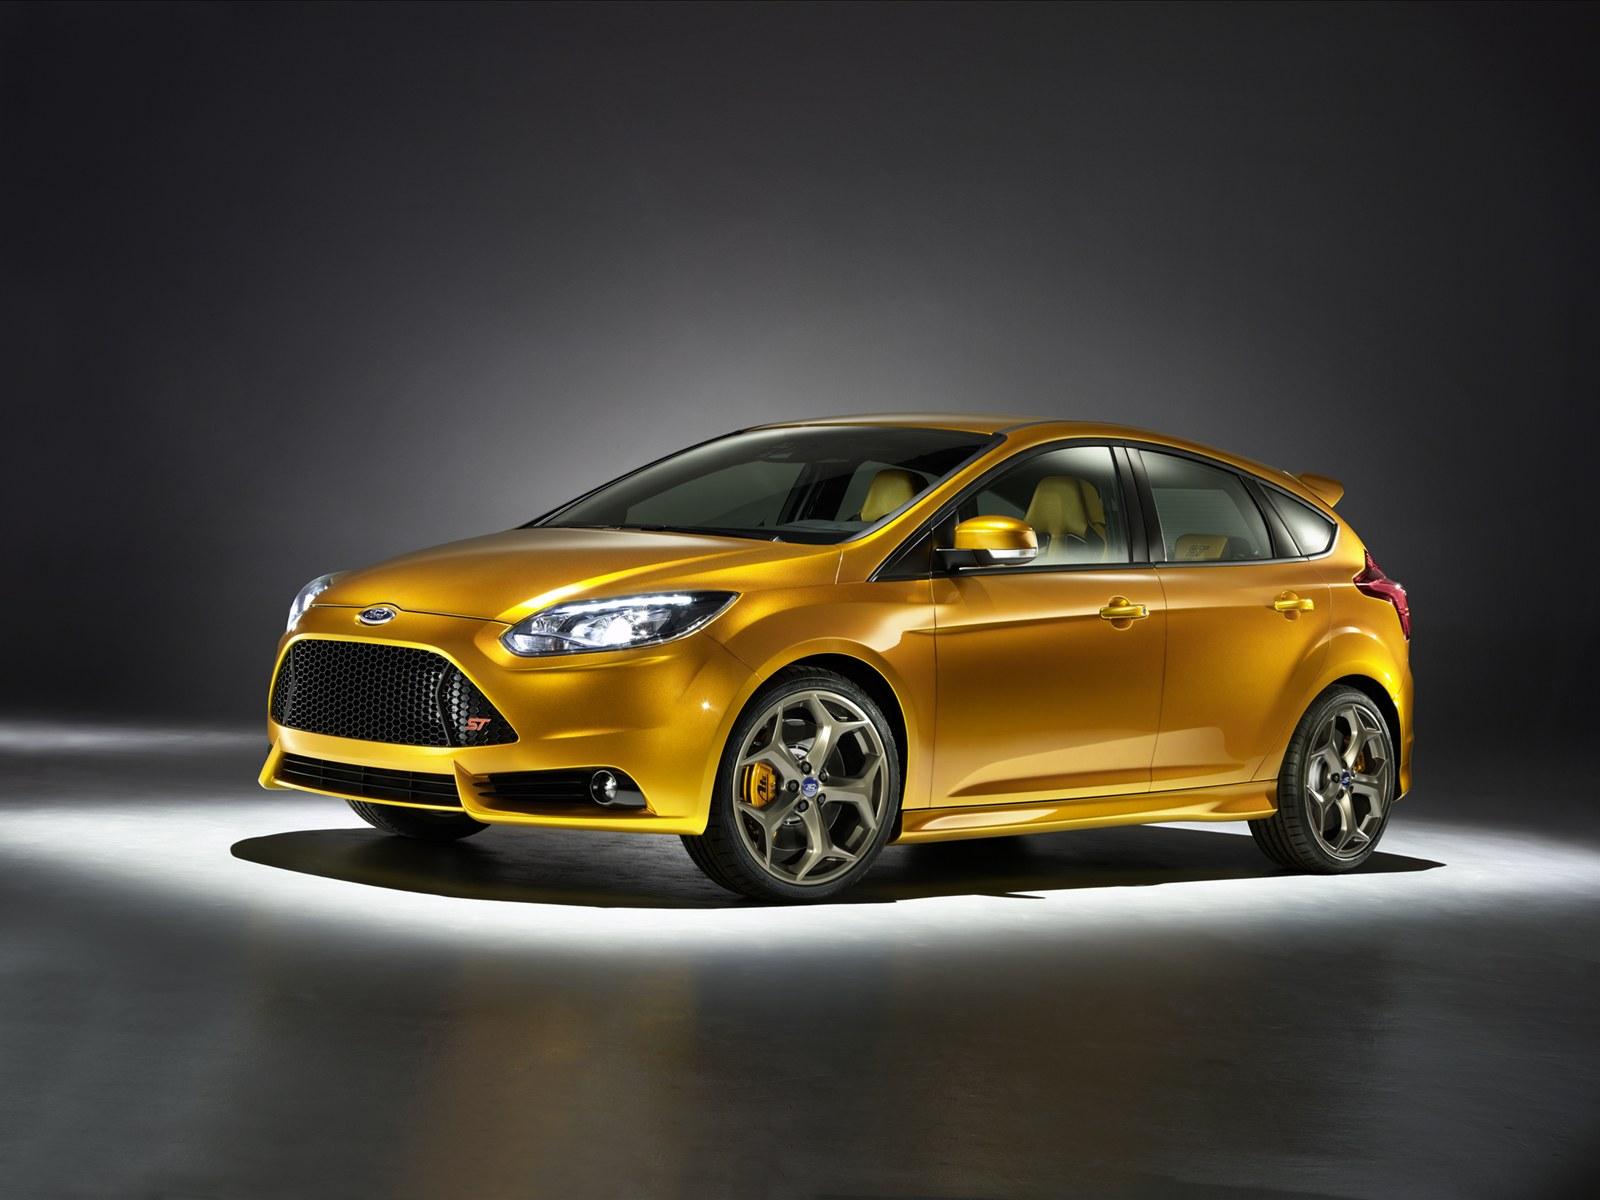 http://2.bp.blogspot.com/-AGbmyoCcD6U/TZmN_vdBA8I/AAAAAAAABj4/oS8PFueKs8Q/s1600/Ford+Focus+ST+2012.jpg